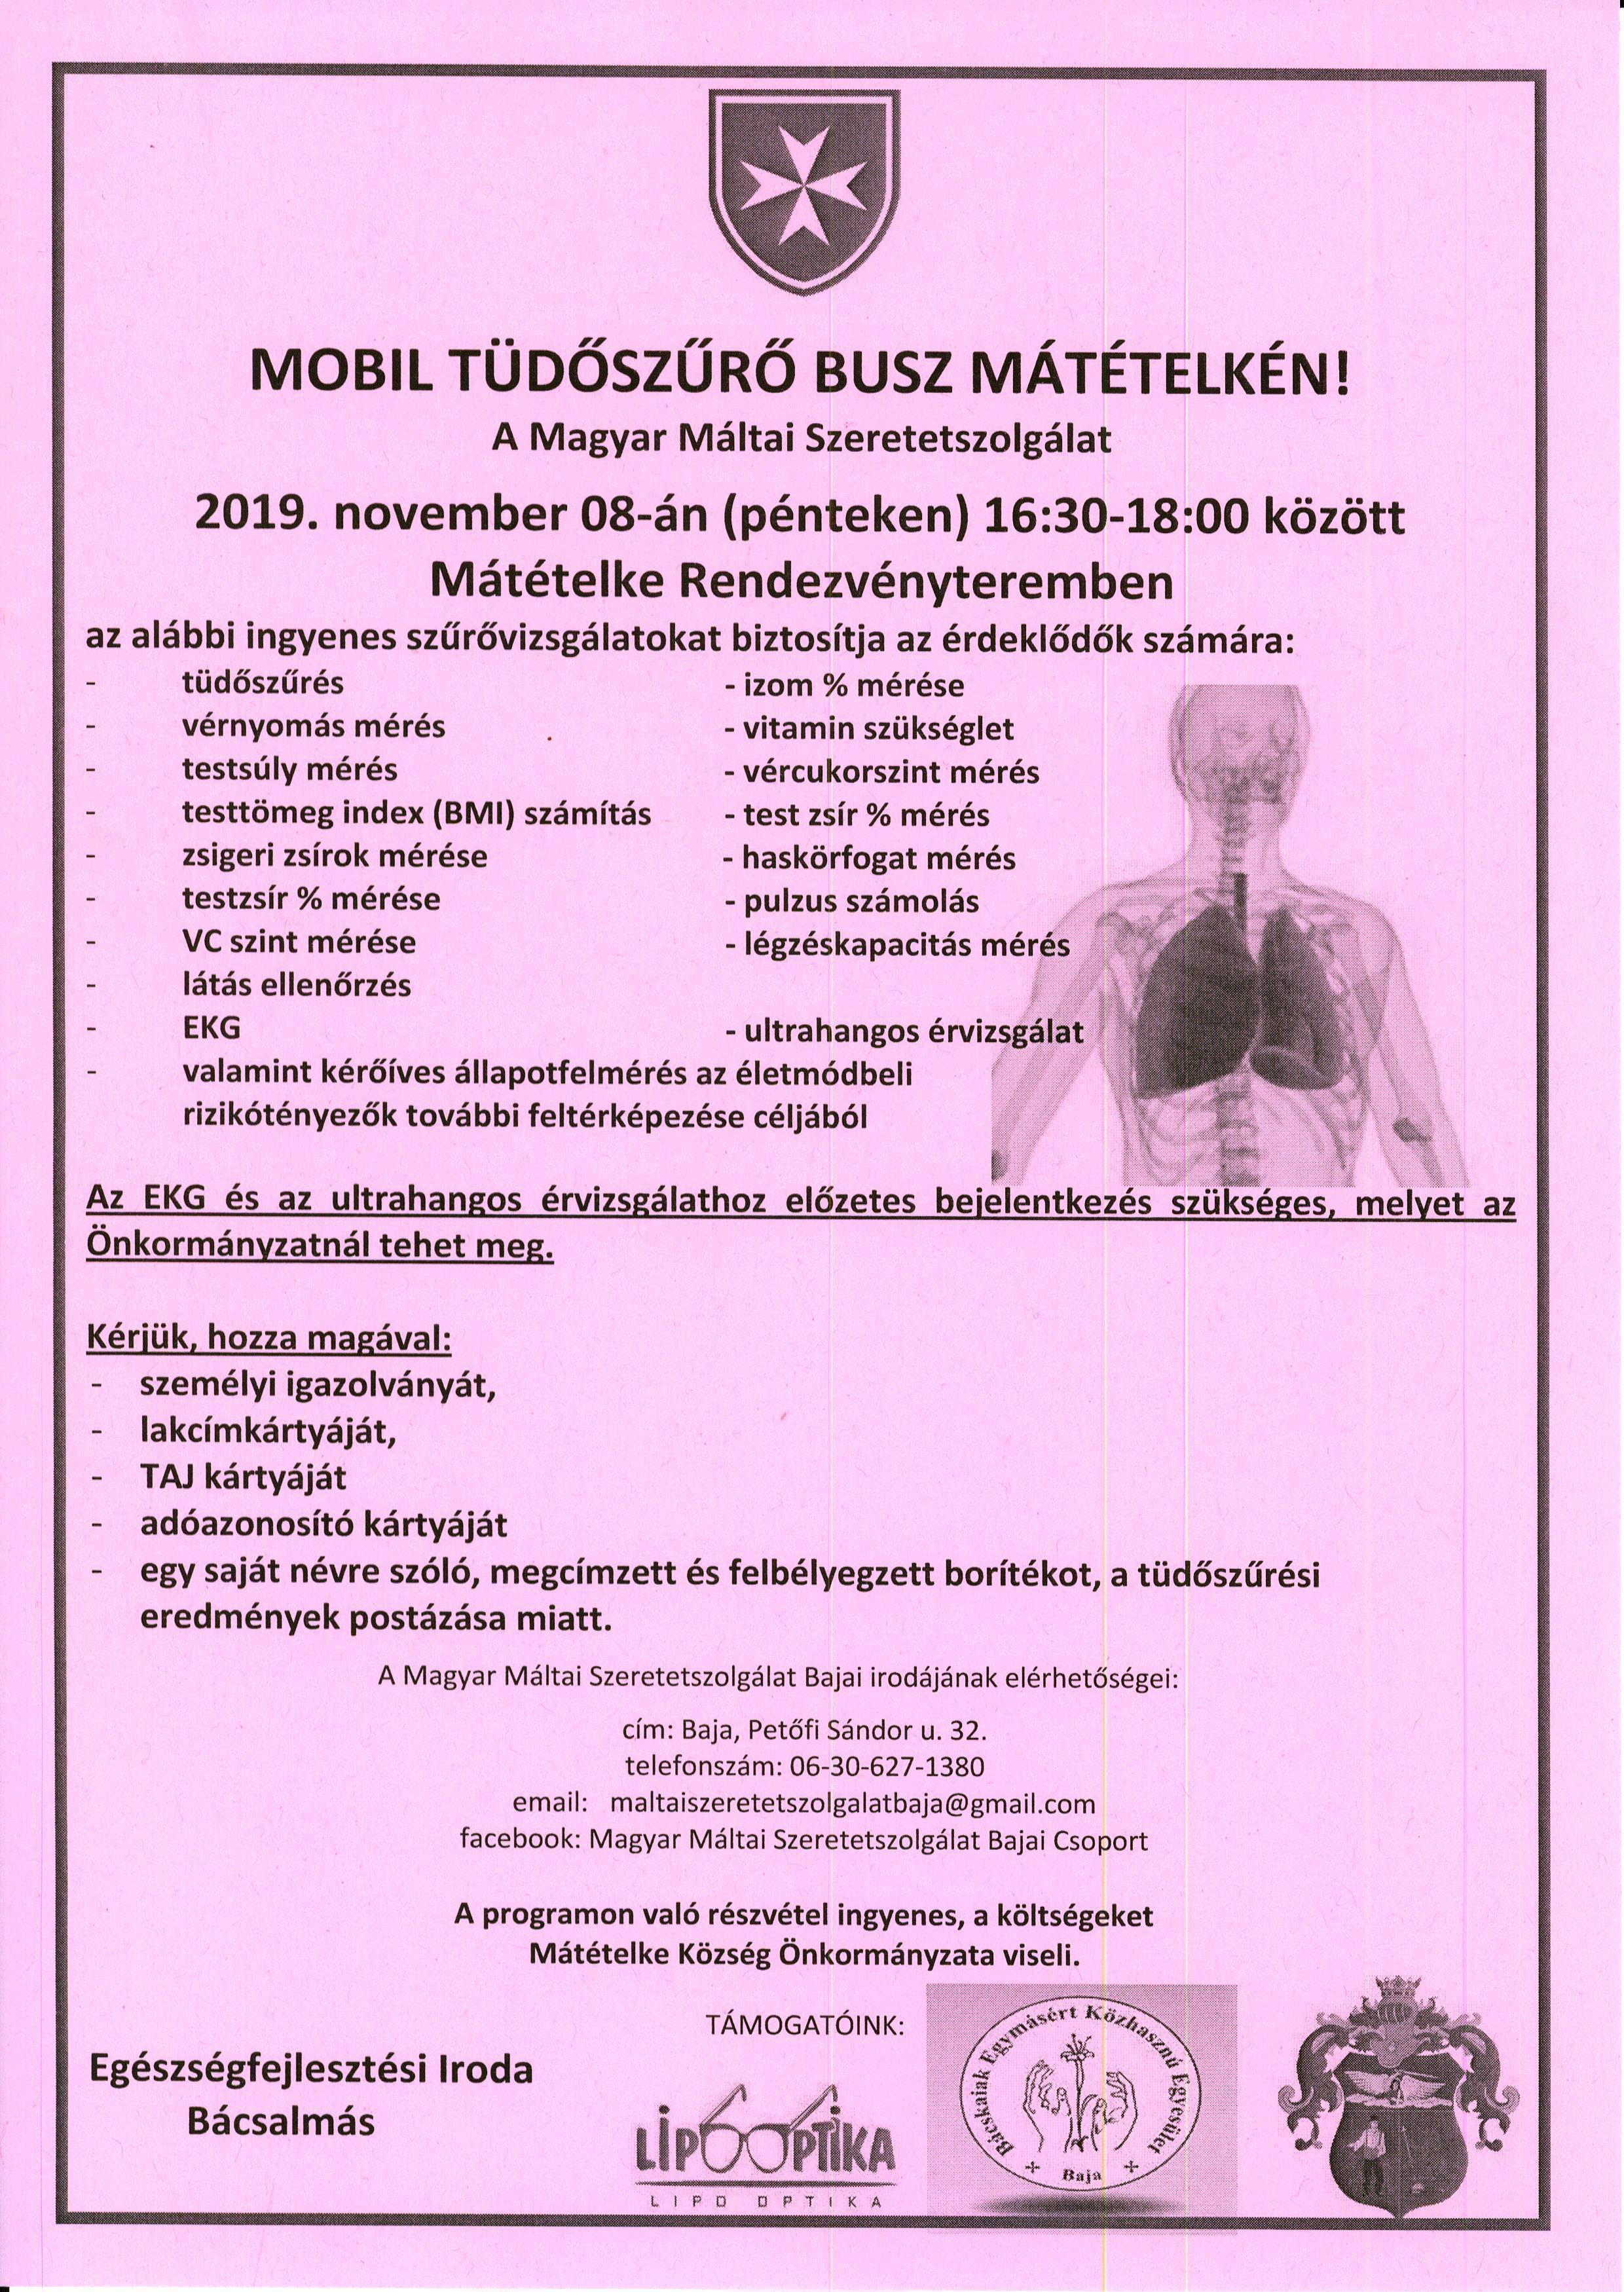 Mobil Tüdőszűrő Busz Mátételkén